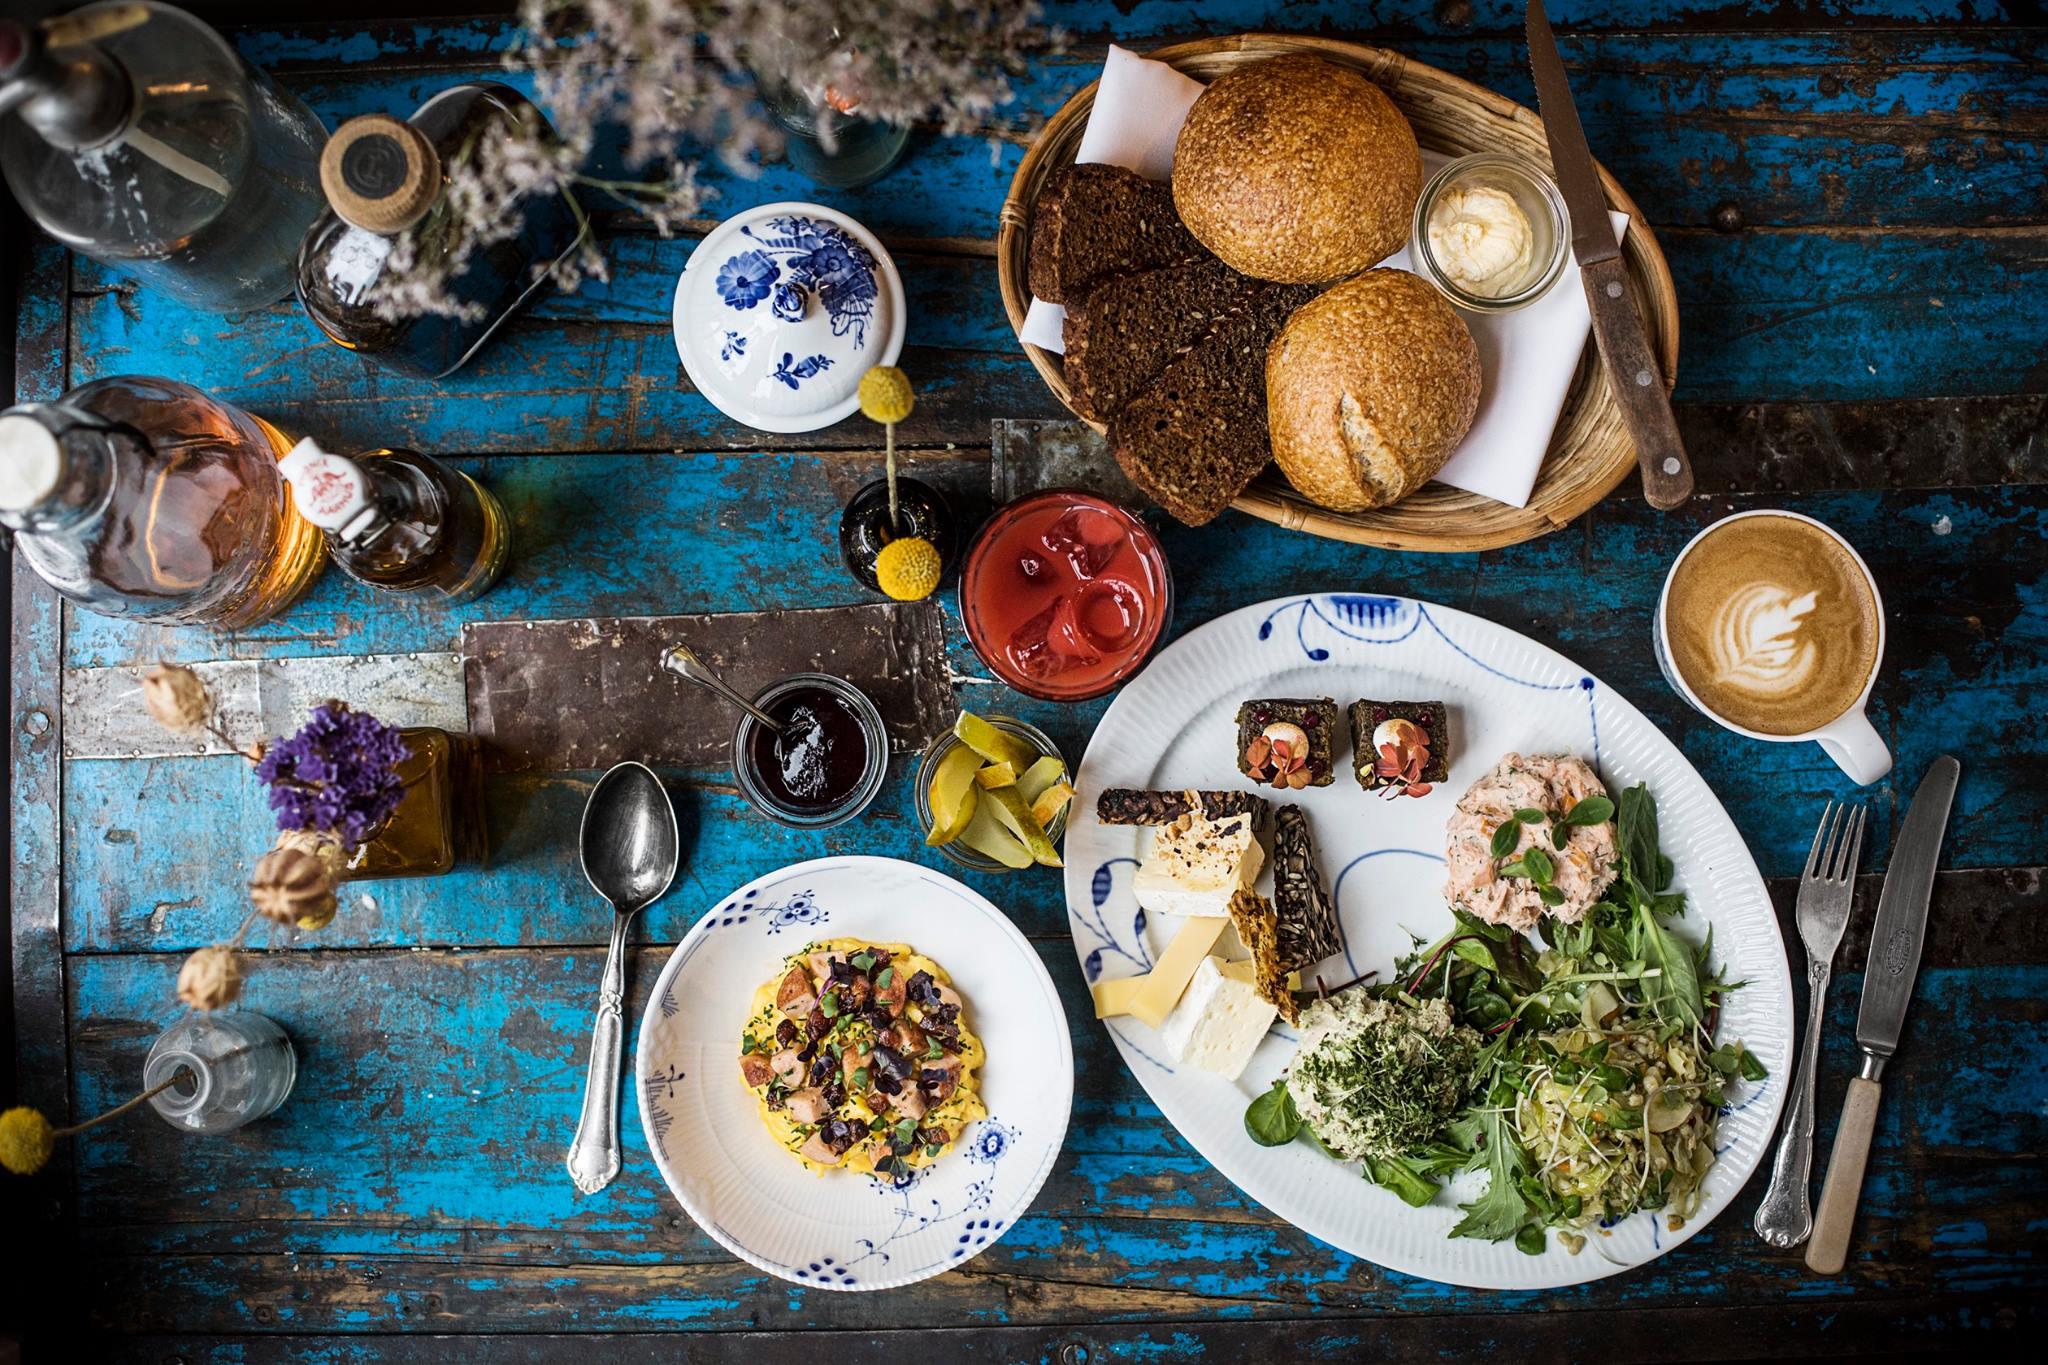 Morgenmad I Aarhus Læs En Guide Med 6 Lækre Morgenmadssteder